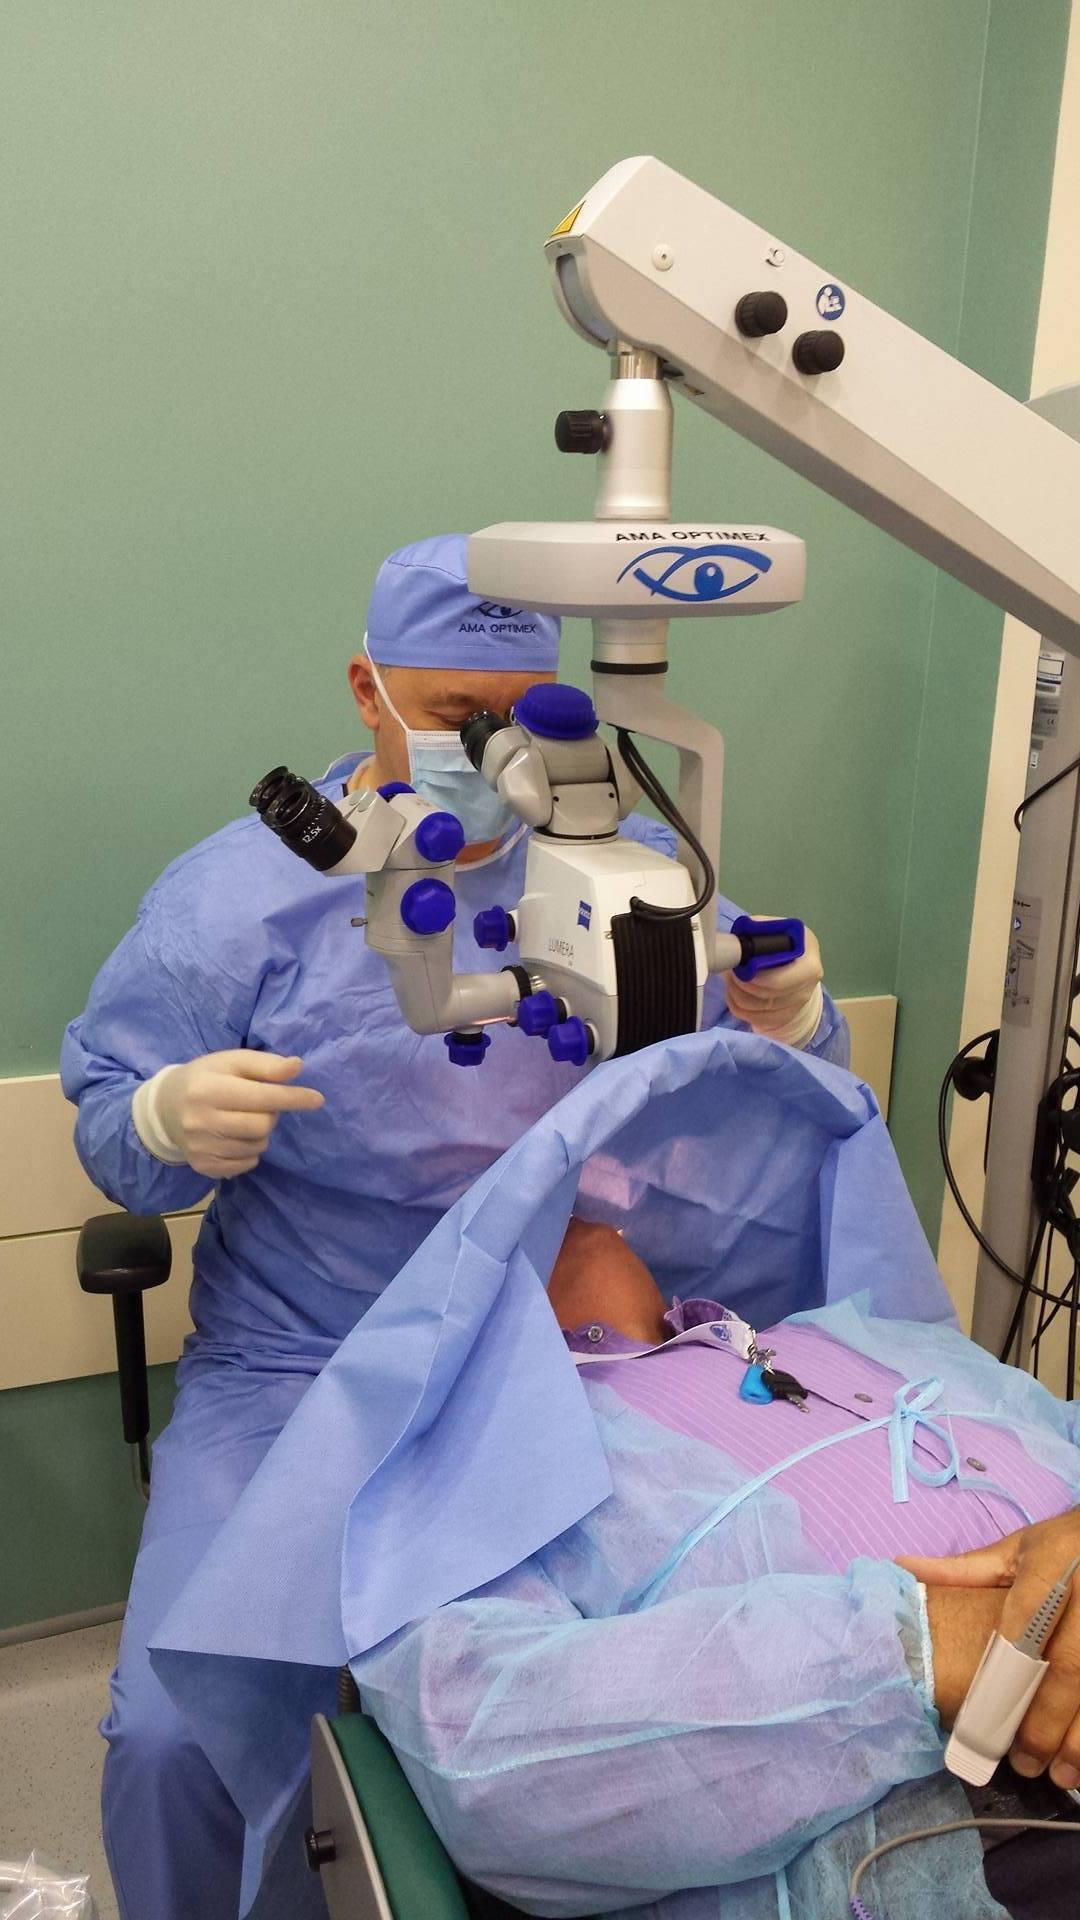 reface cu adevărat vederea fără intervenție chirurgicală